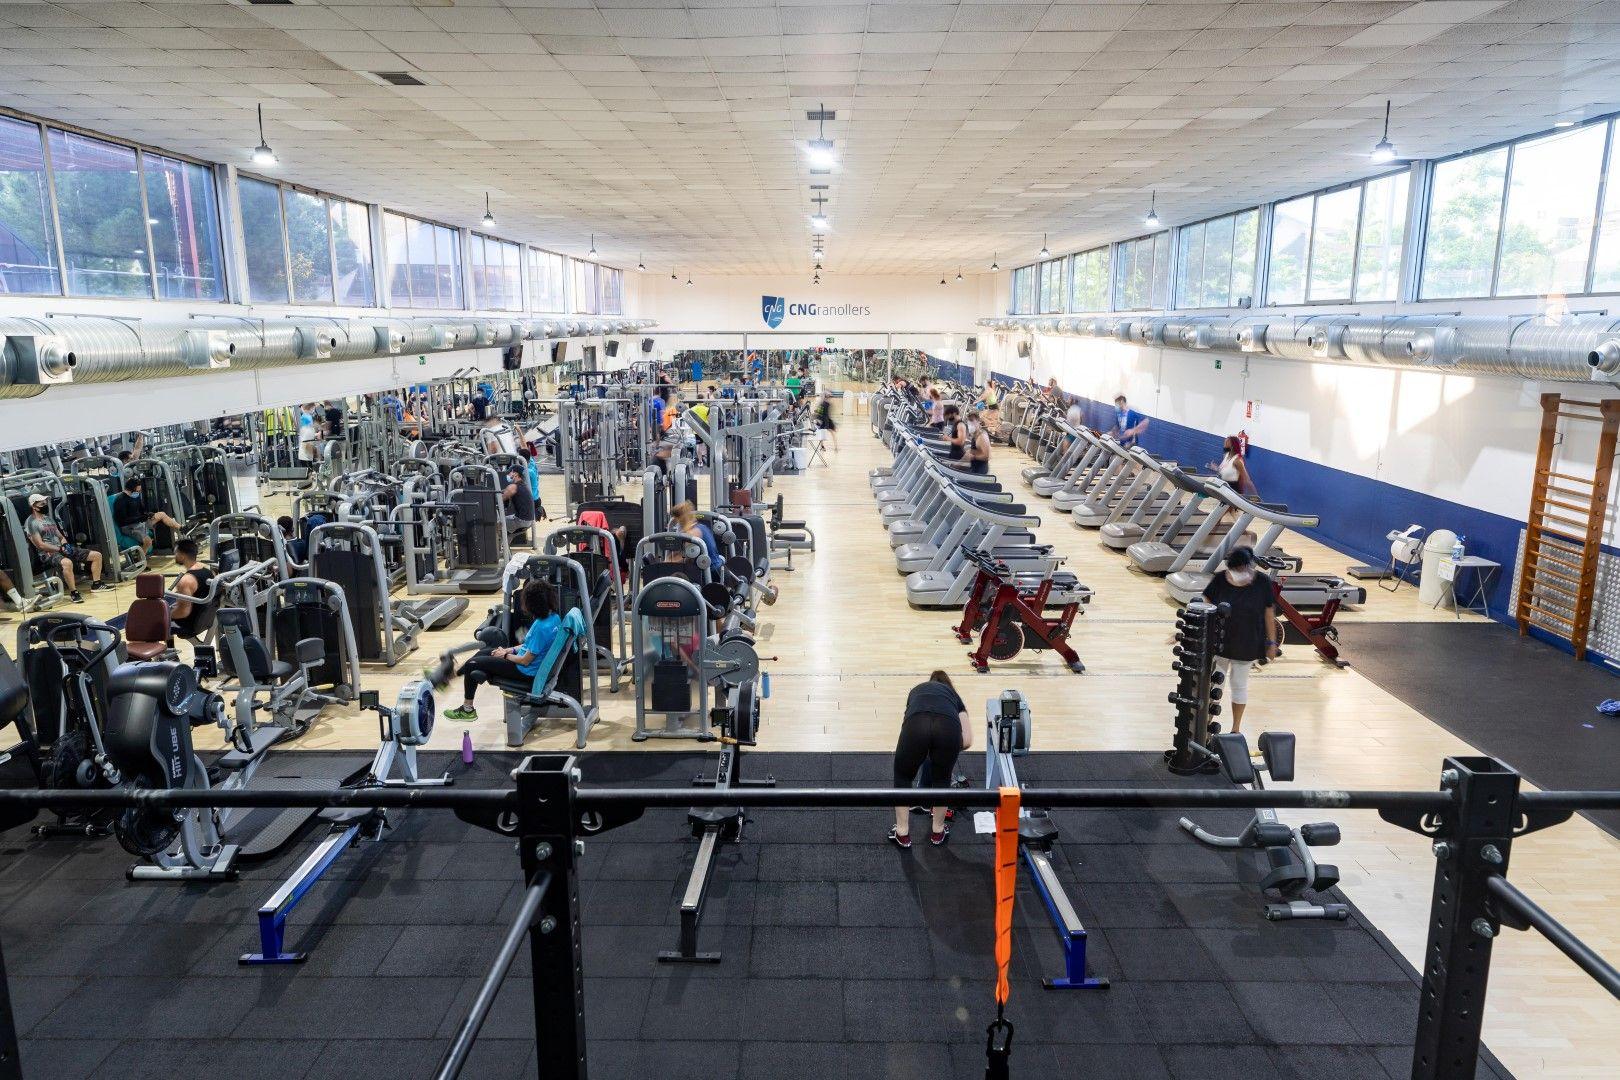 [Avís] Dijous 23 de setembre, d'11h a 15h, sala de fitness tancada